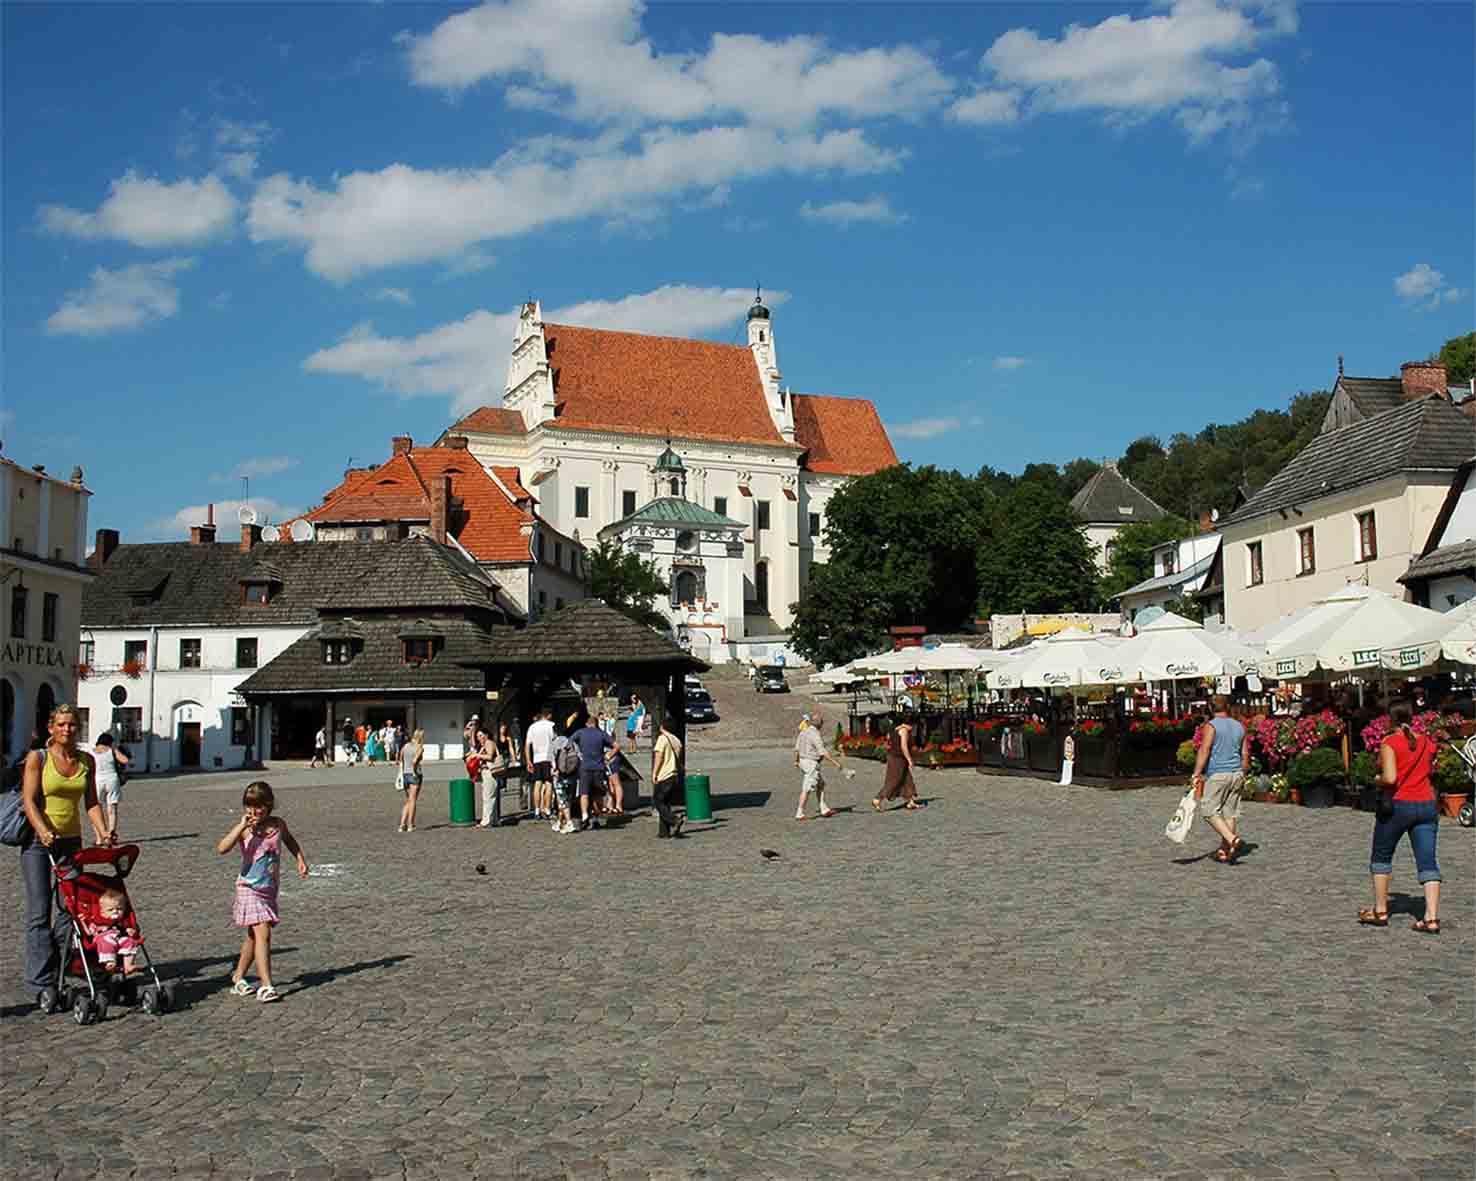 Radreise Polen, KSW, Fot. 4